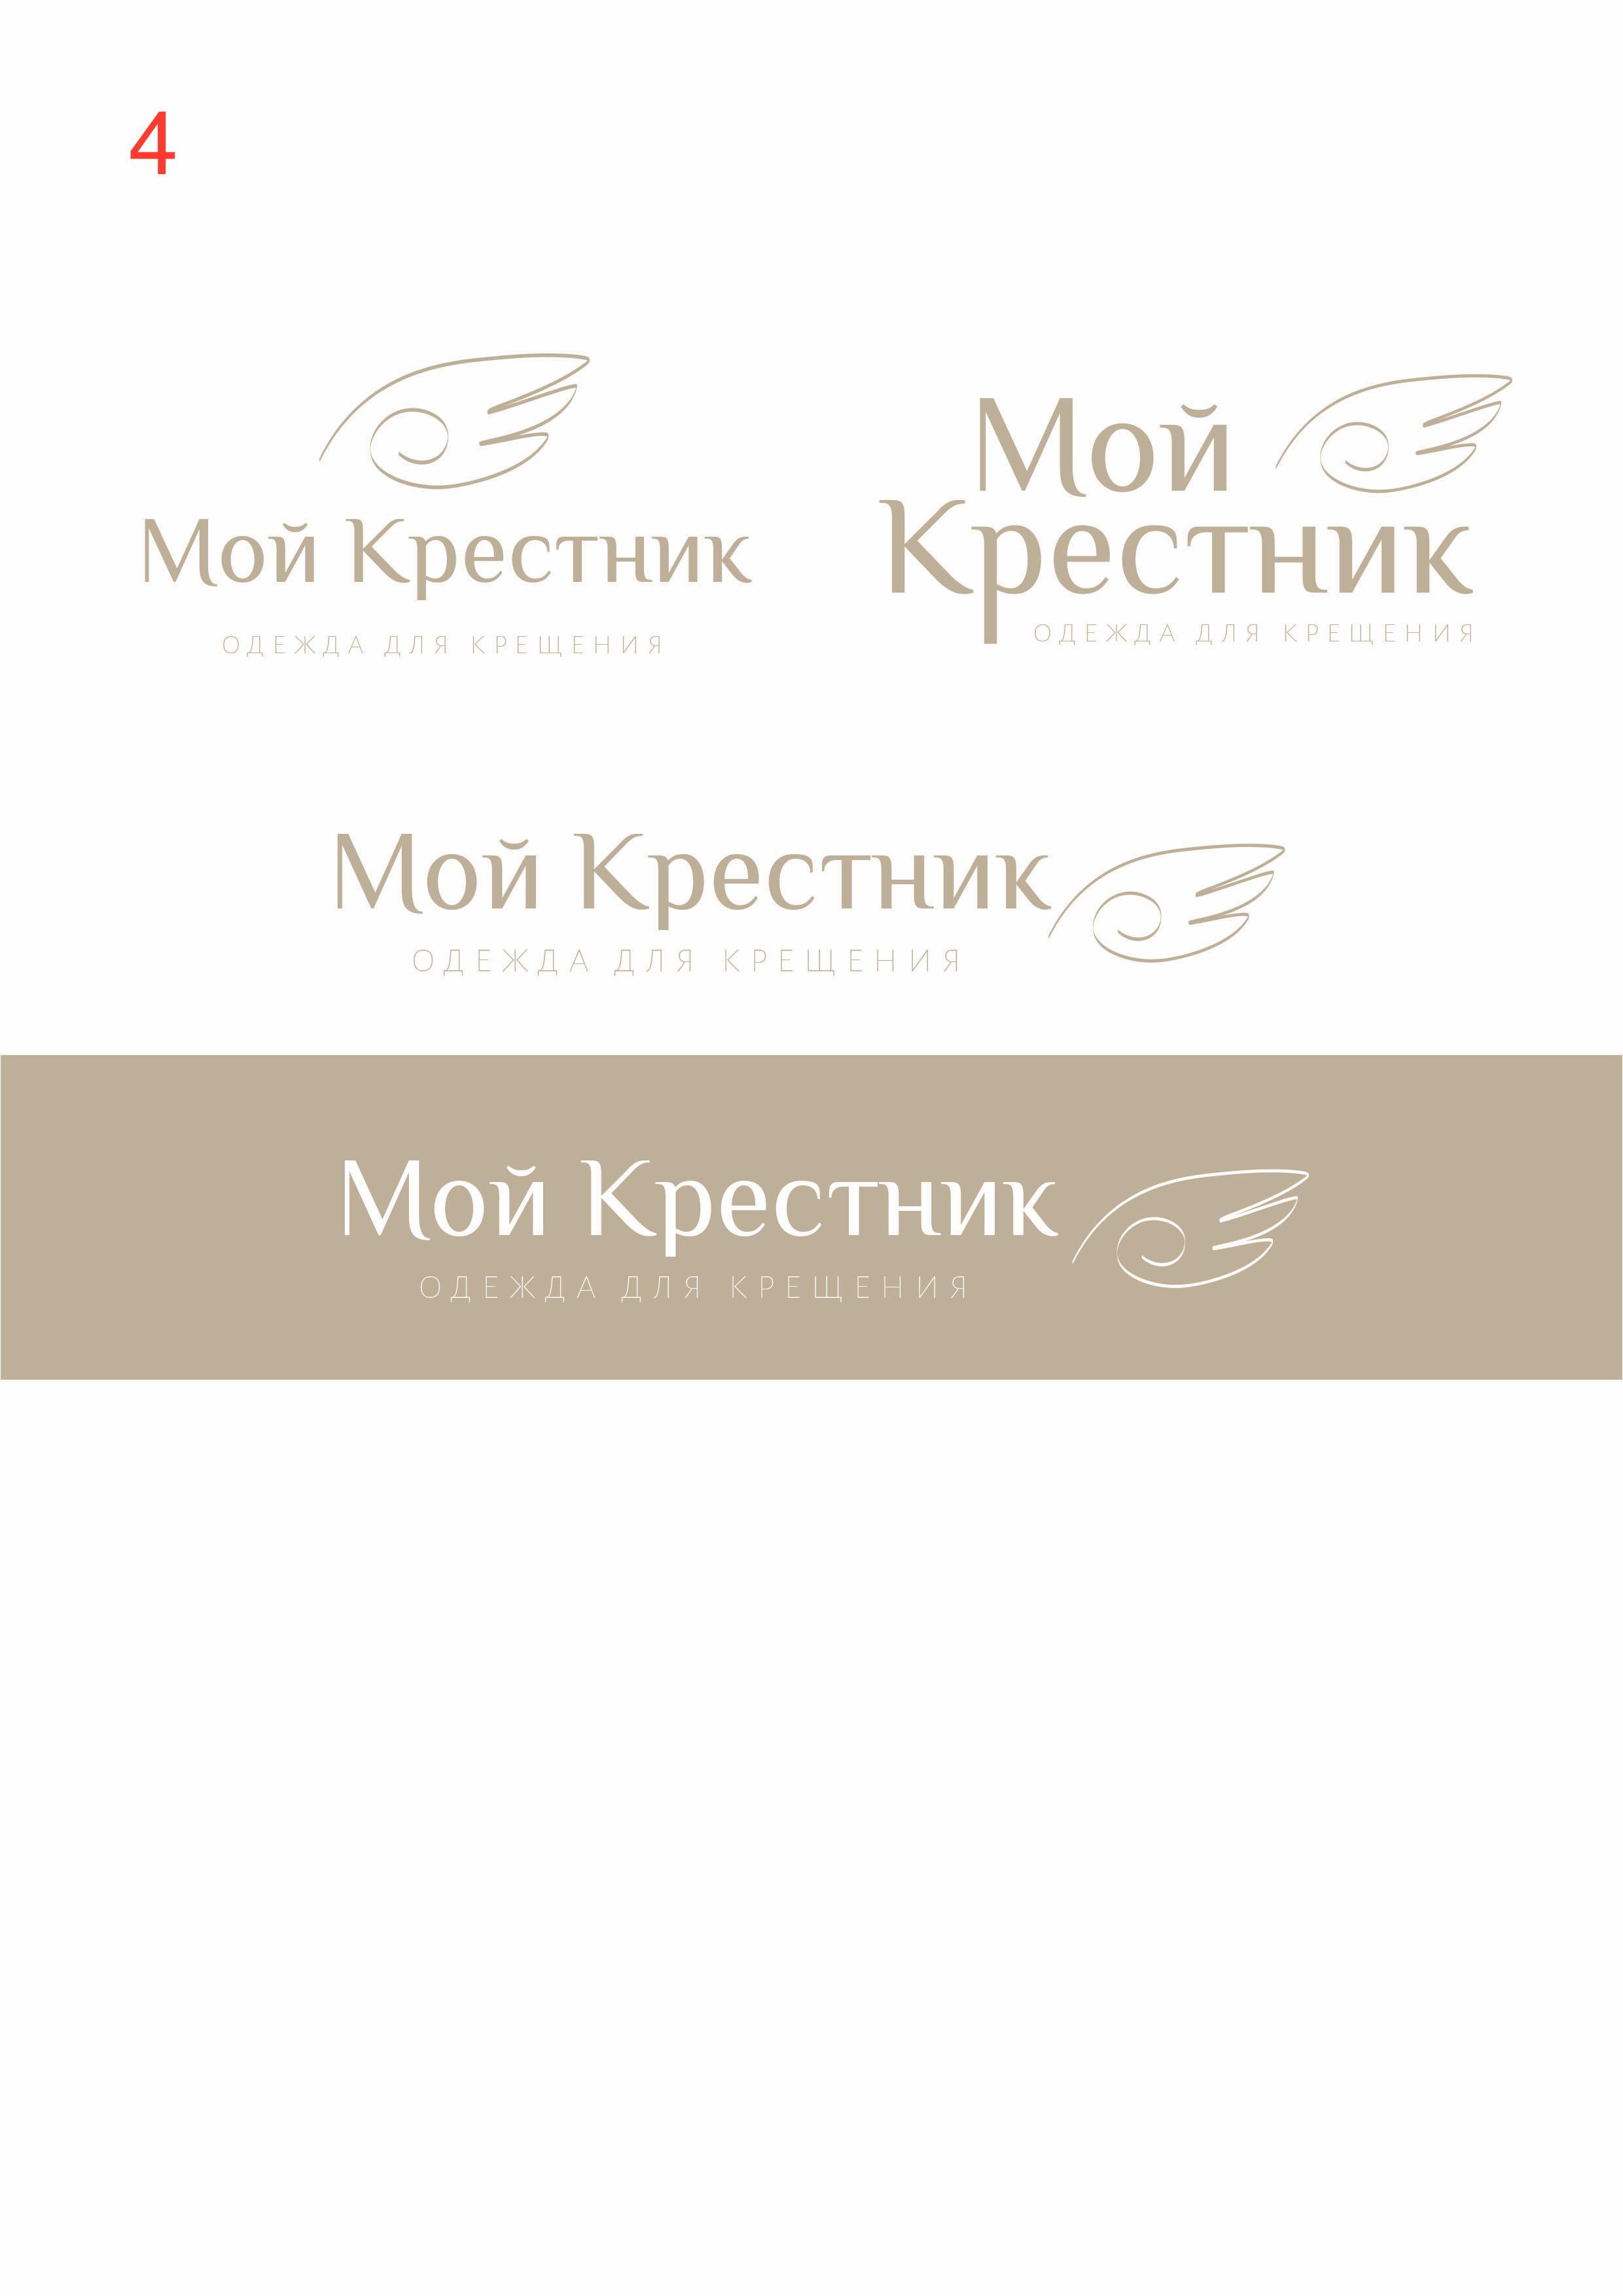 Логотип для крестильной одежды(детской). фото f_5425d57bd18a0dc8.jpg